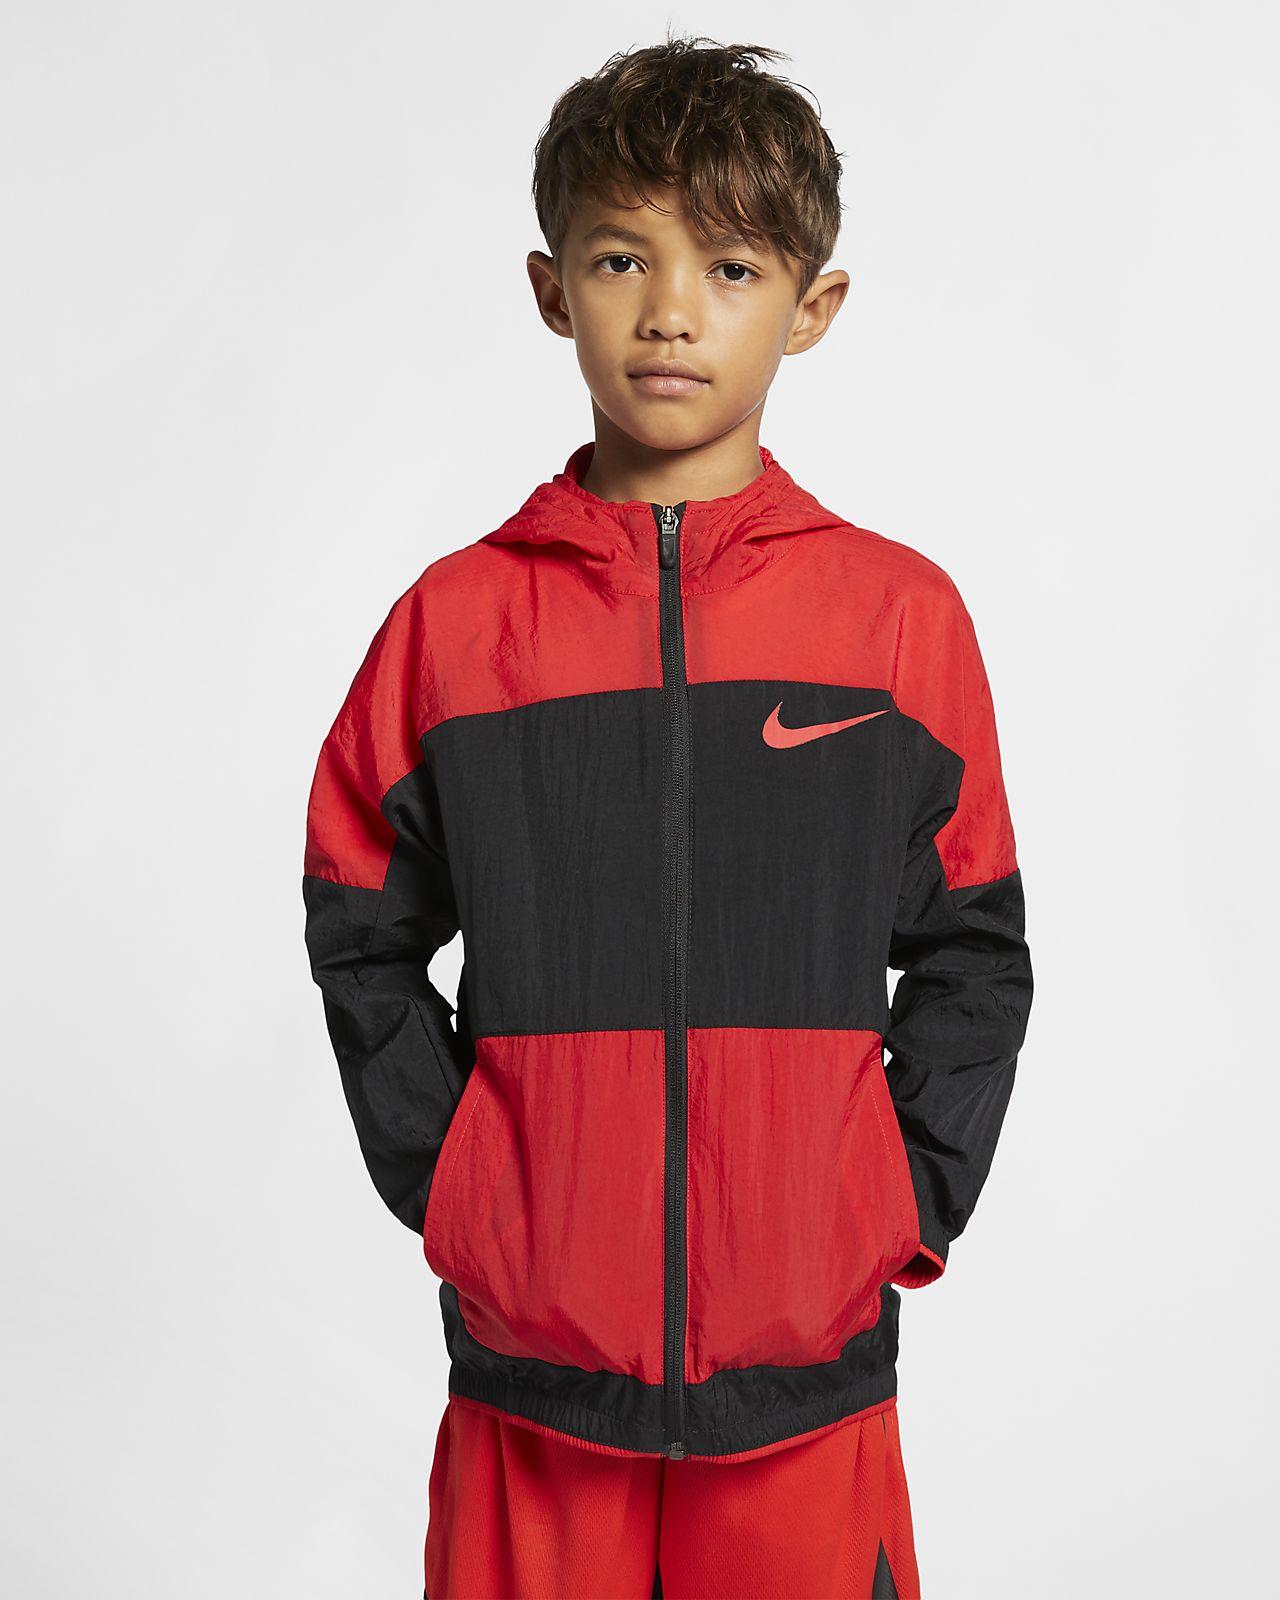 Nike Dri-FIT vevd treningsjakke til store barn